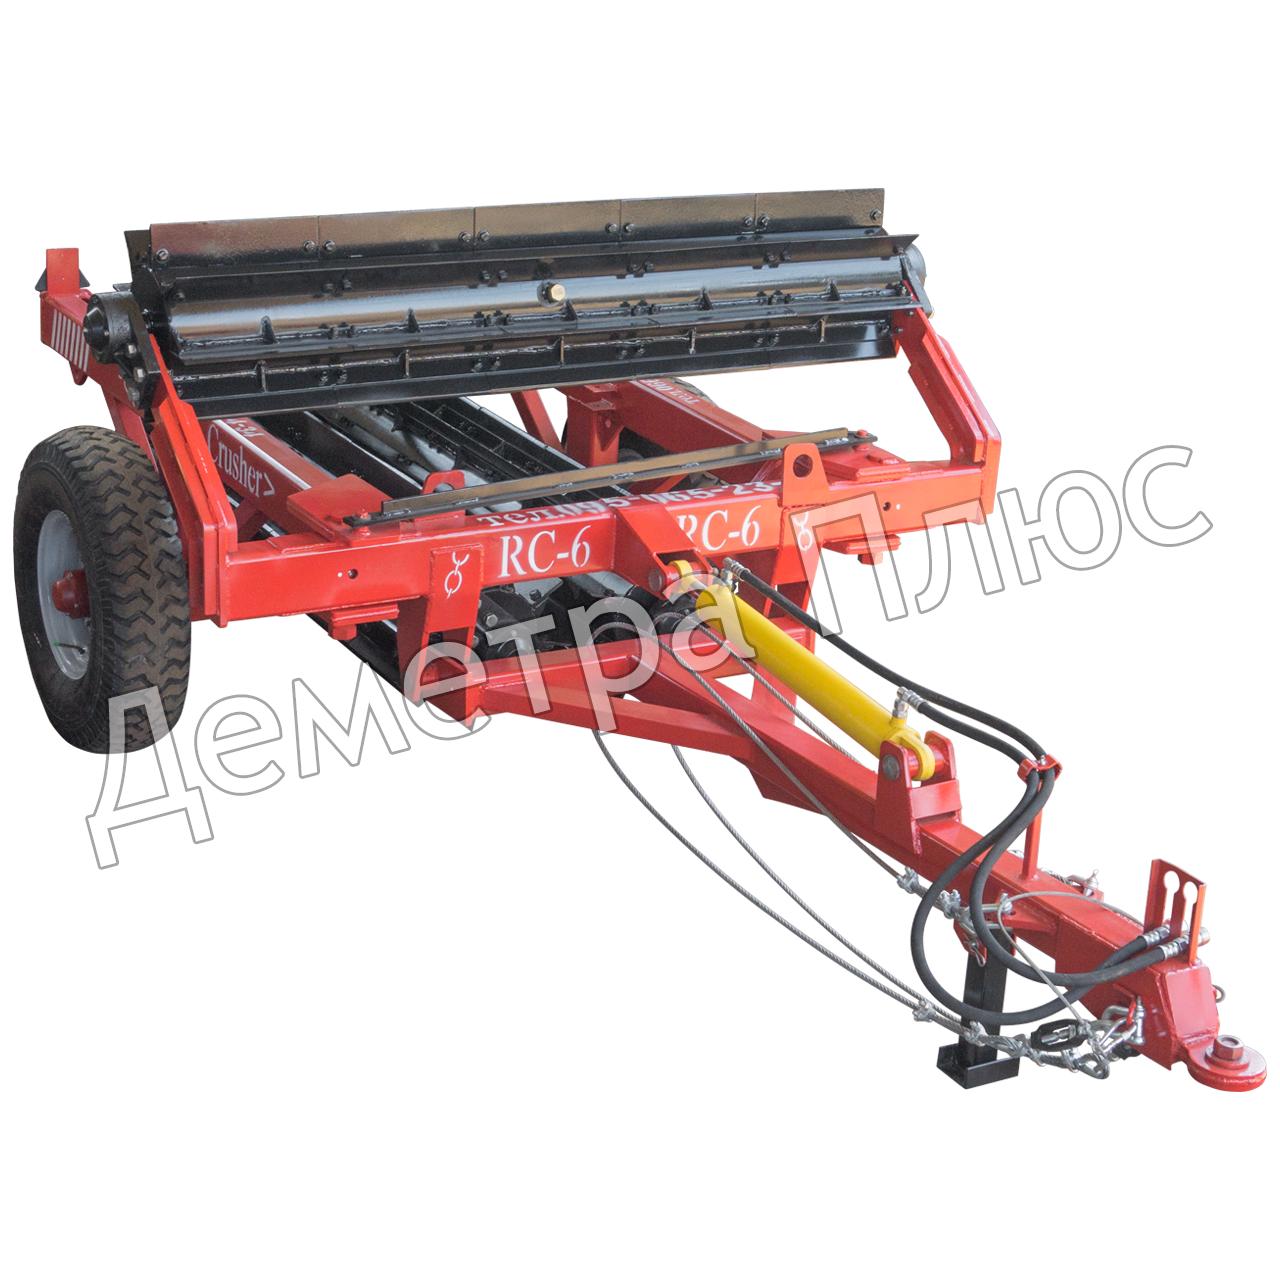 Измельчитель роликовый (мульчирователь) водоналивной RC-6 (прицепной измельчитель растительных остатков)